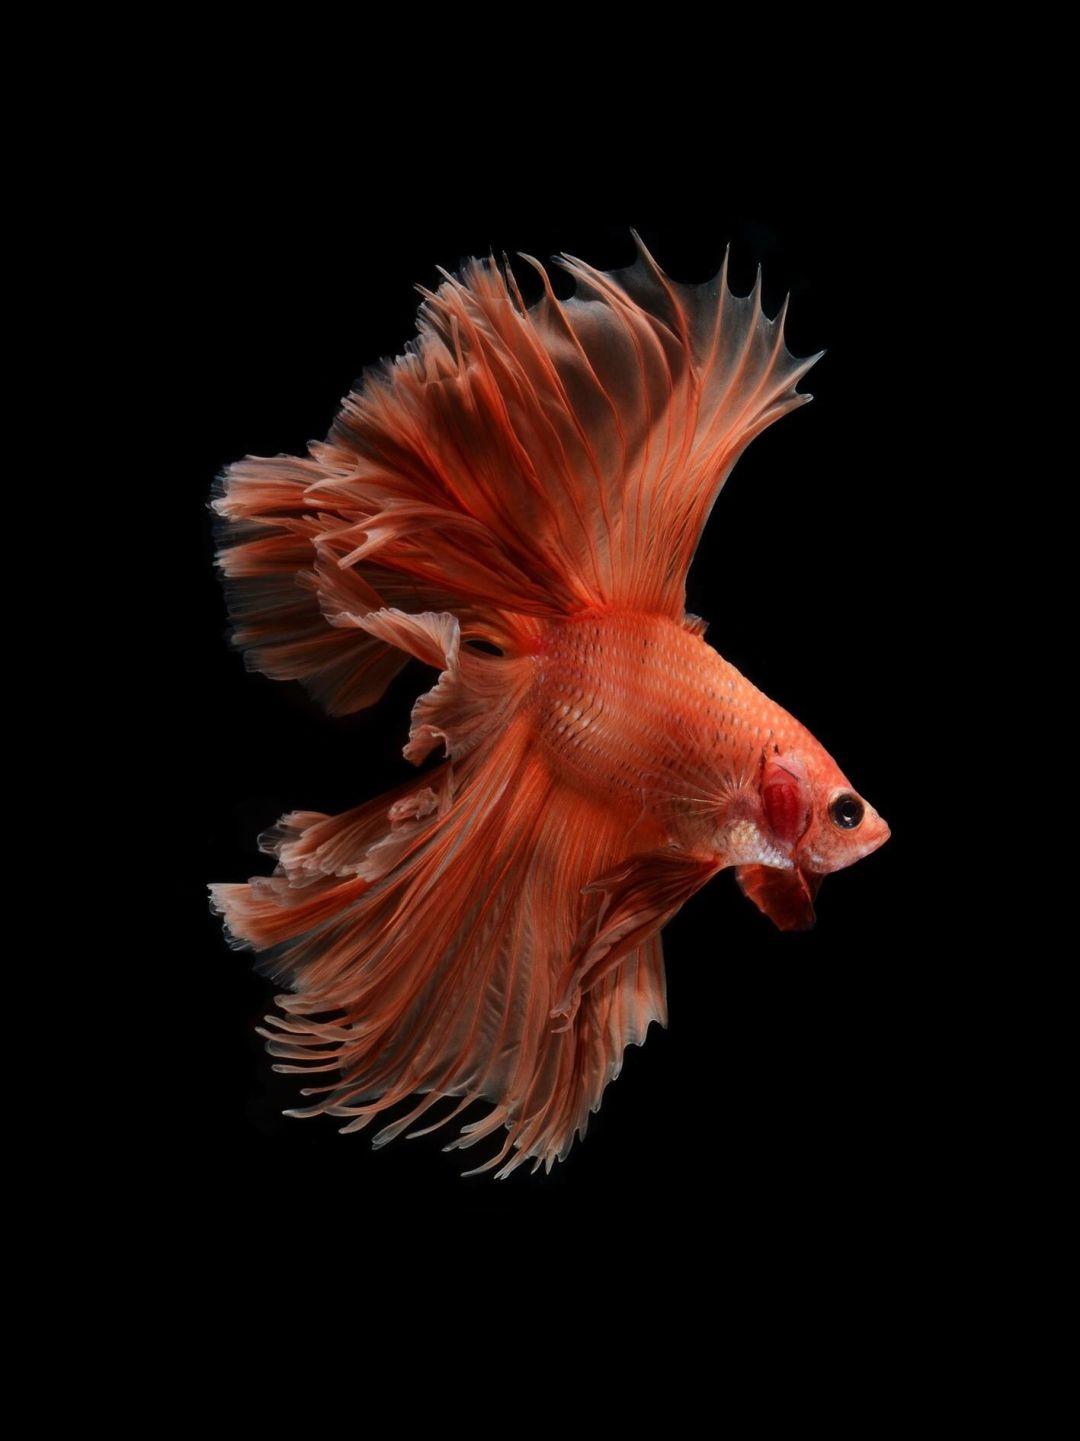 Fish Clean iPhone 6s plus wallpaper